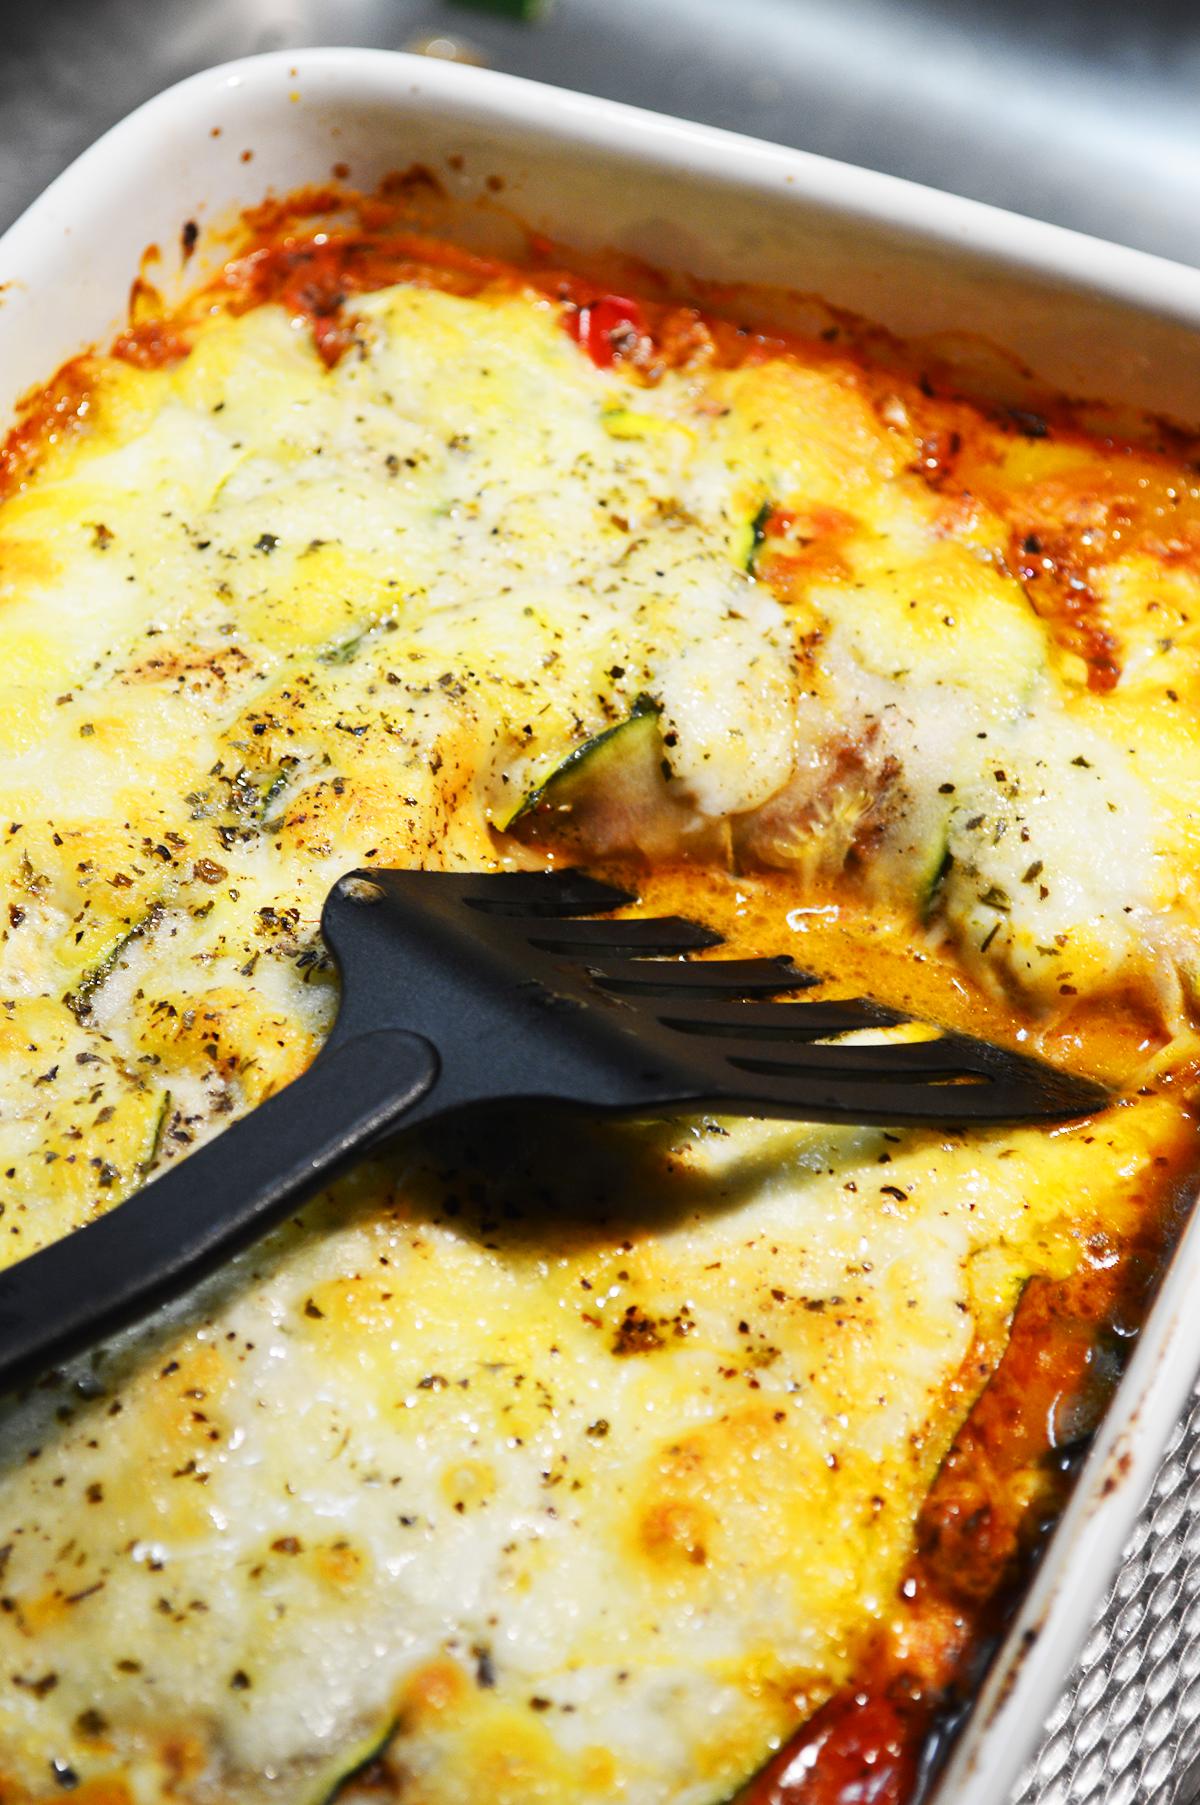 Courgette lasagne, geen pasta dus geen koolhydraten! Lees het recept op Buuf en Buuf http://www.buuf-buuf.nl/eten/hoofdgerecht/courgette-lasagne-met-gehakt/